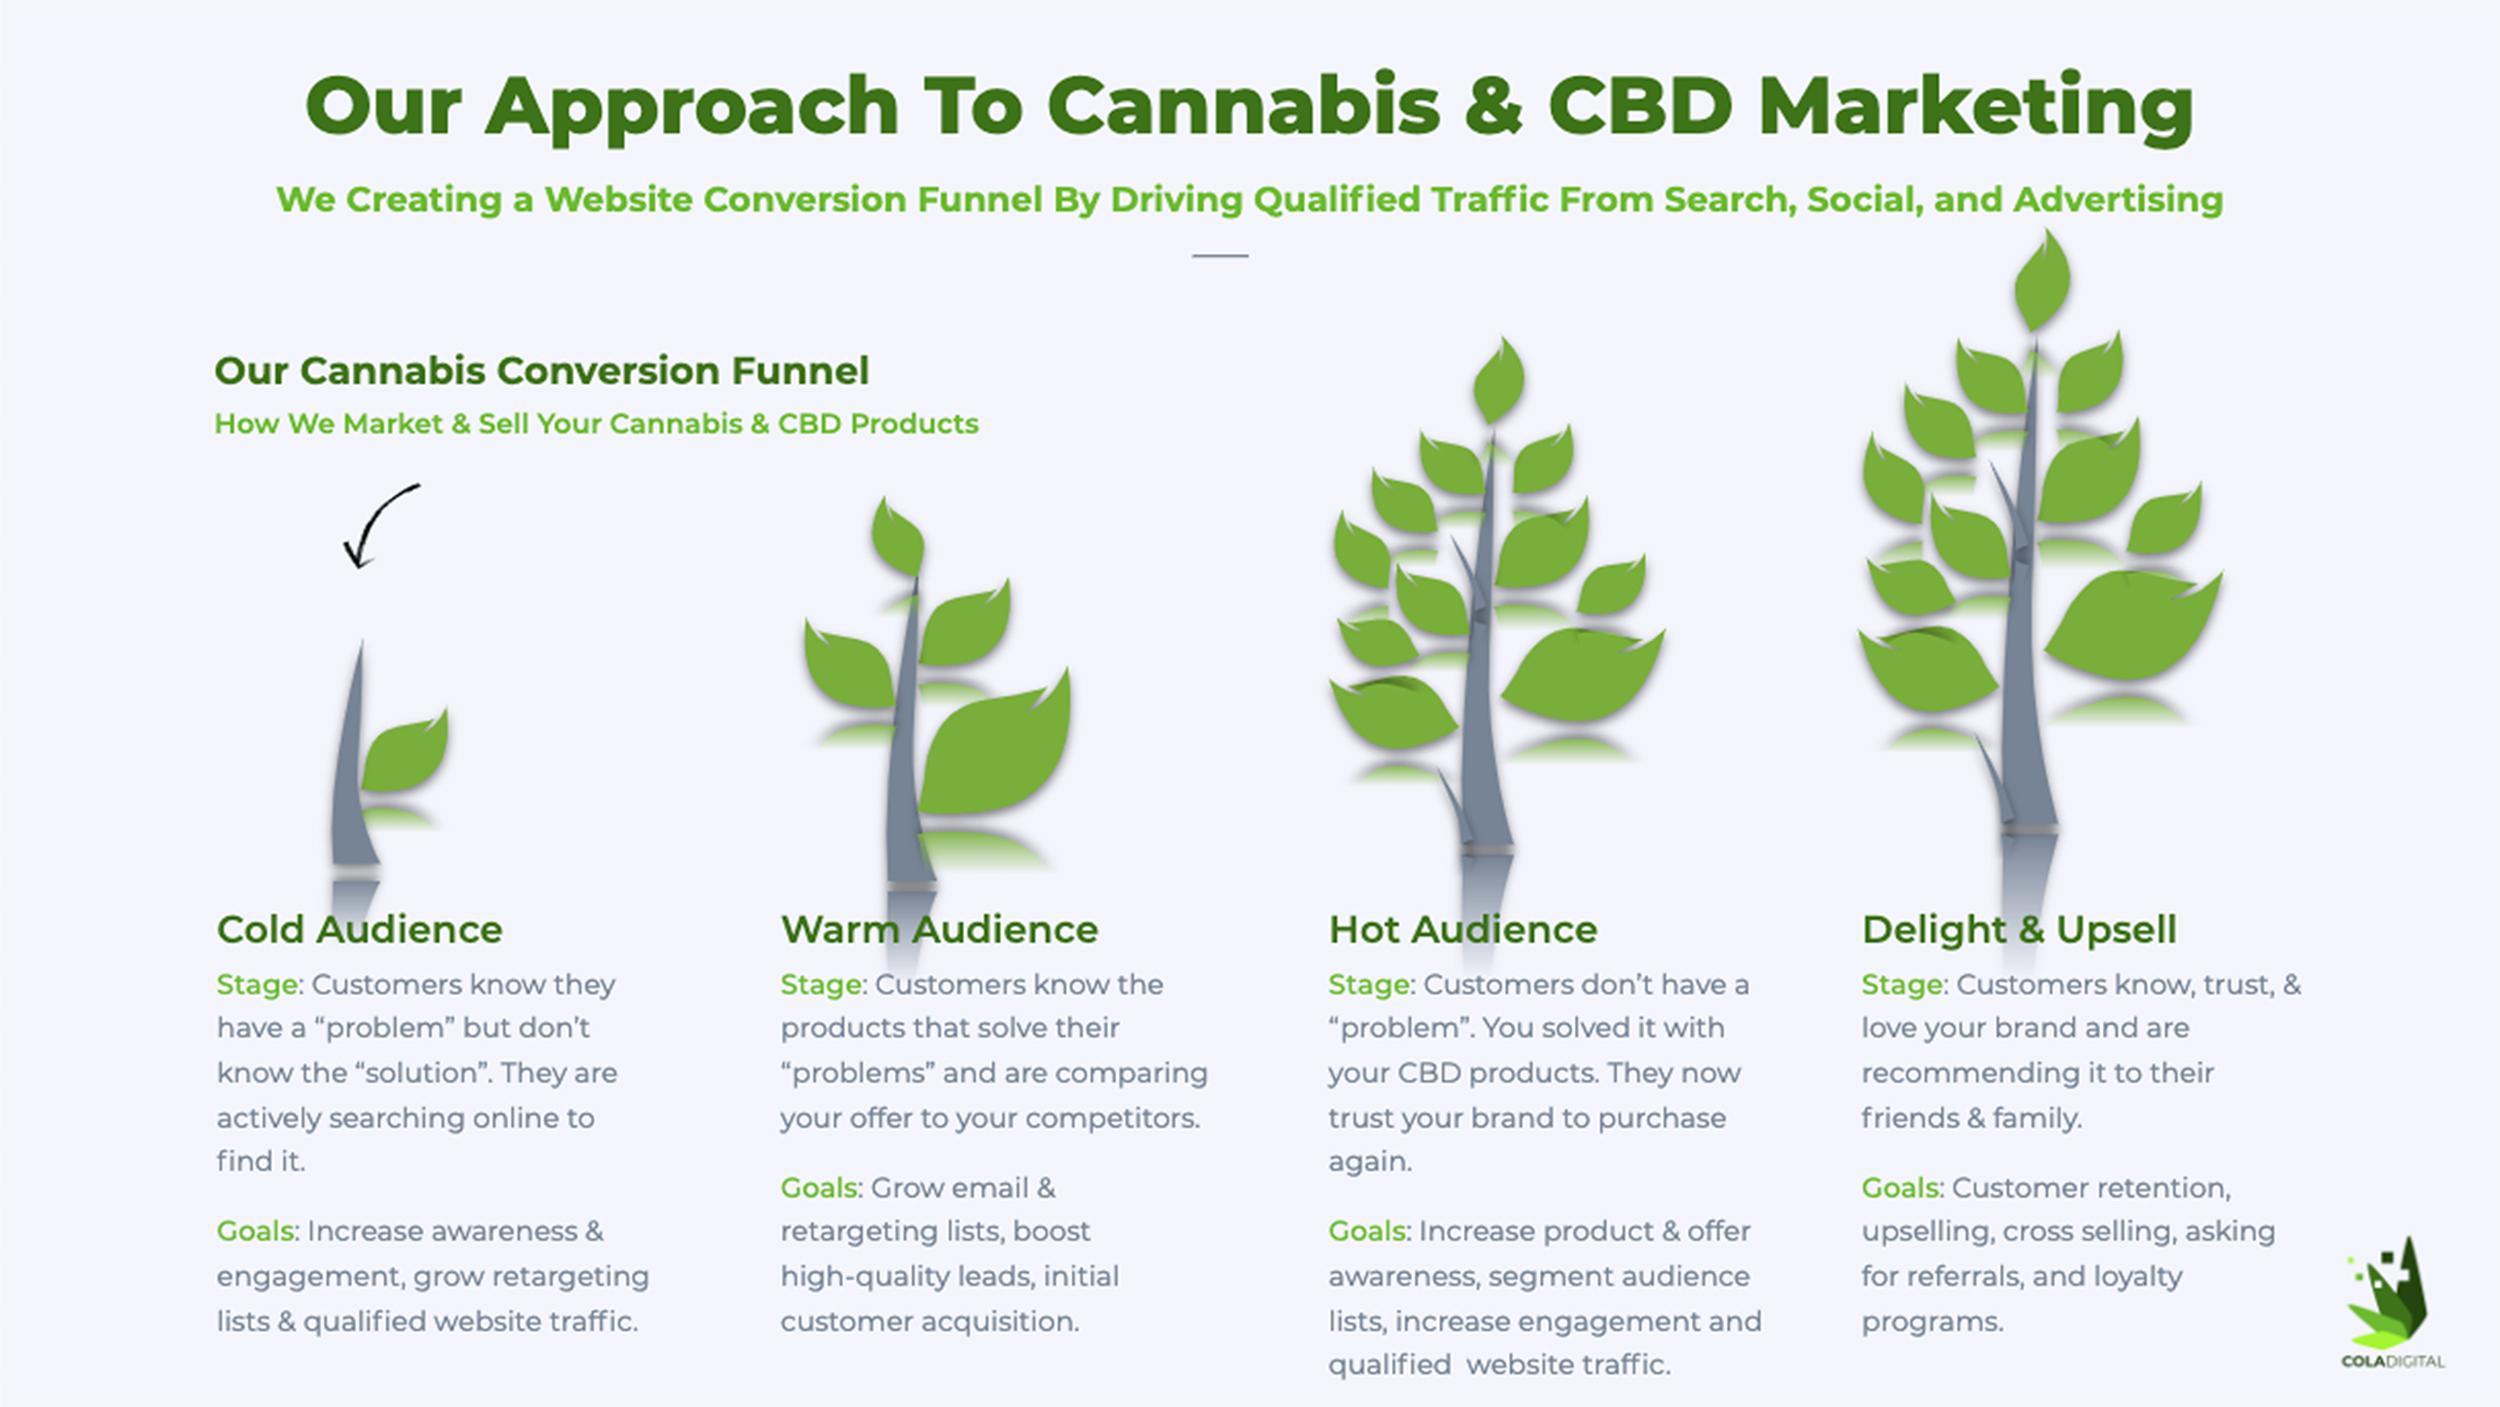 CBD & Marijuana Marketing Agency  Cannabis Marketing & SEO Company